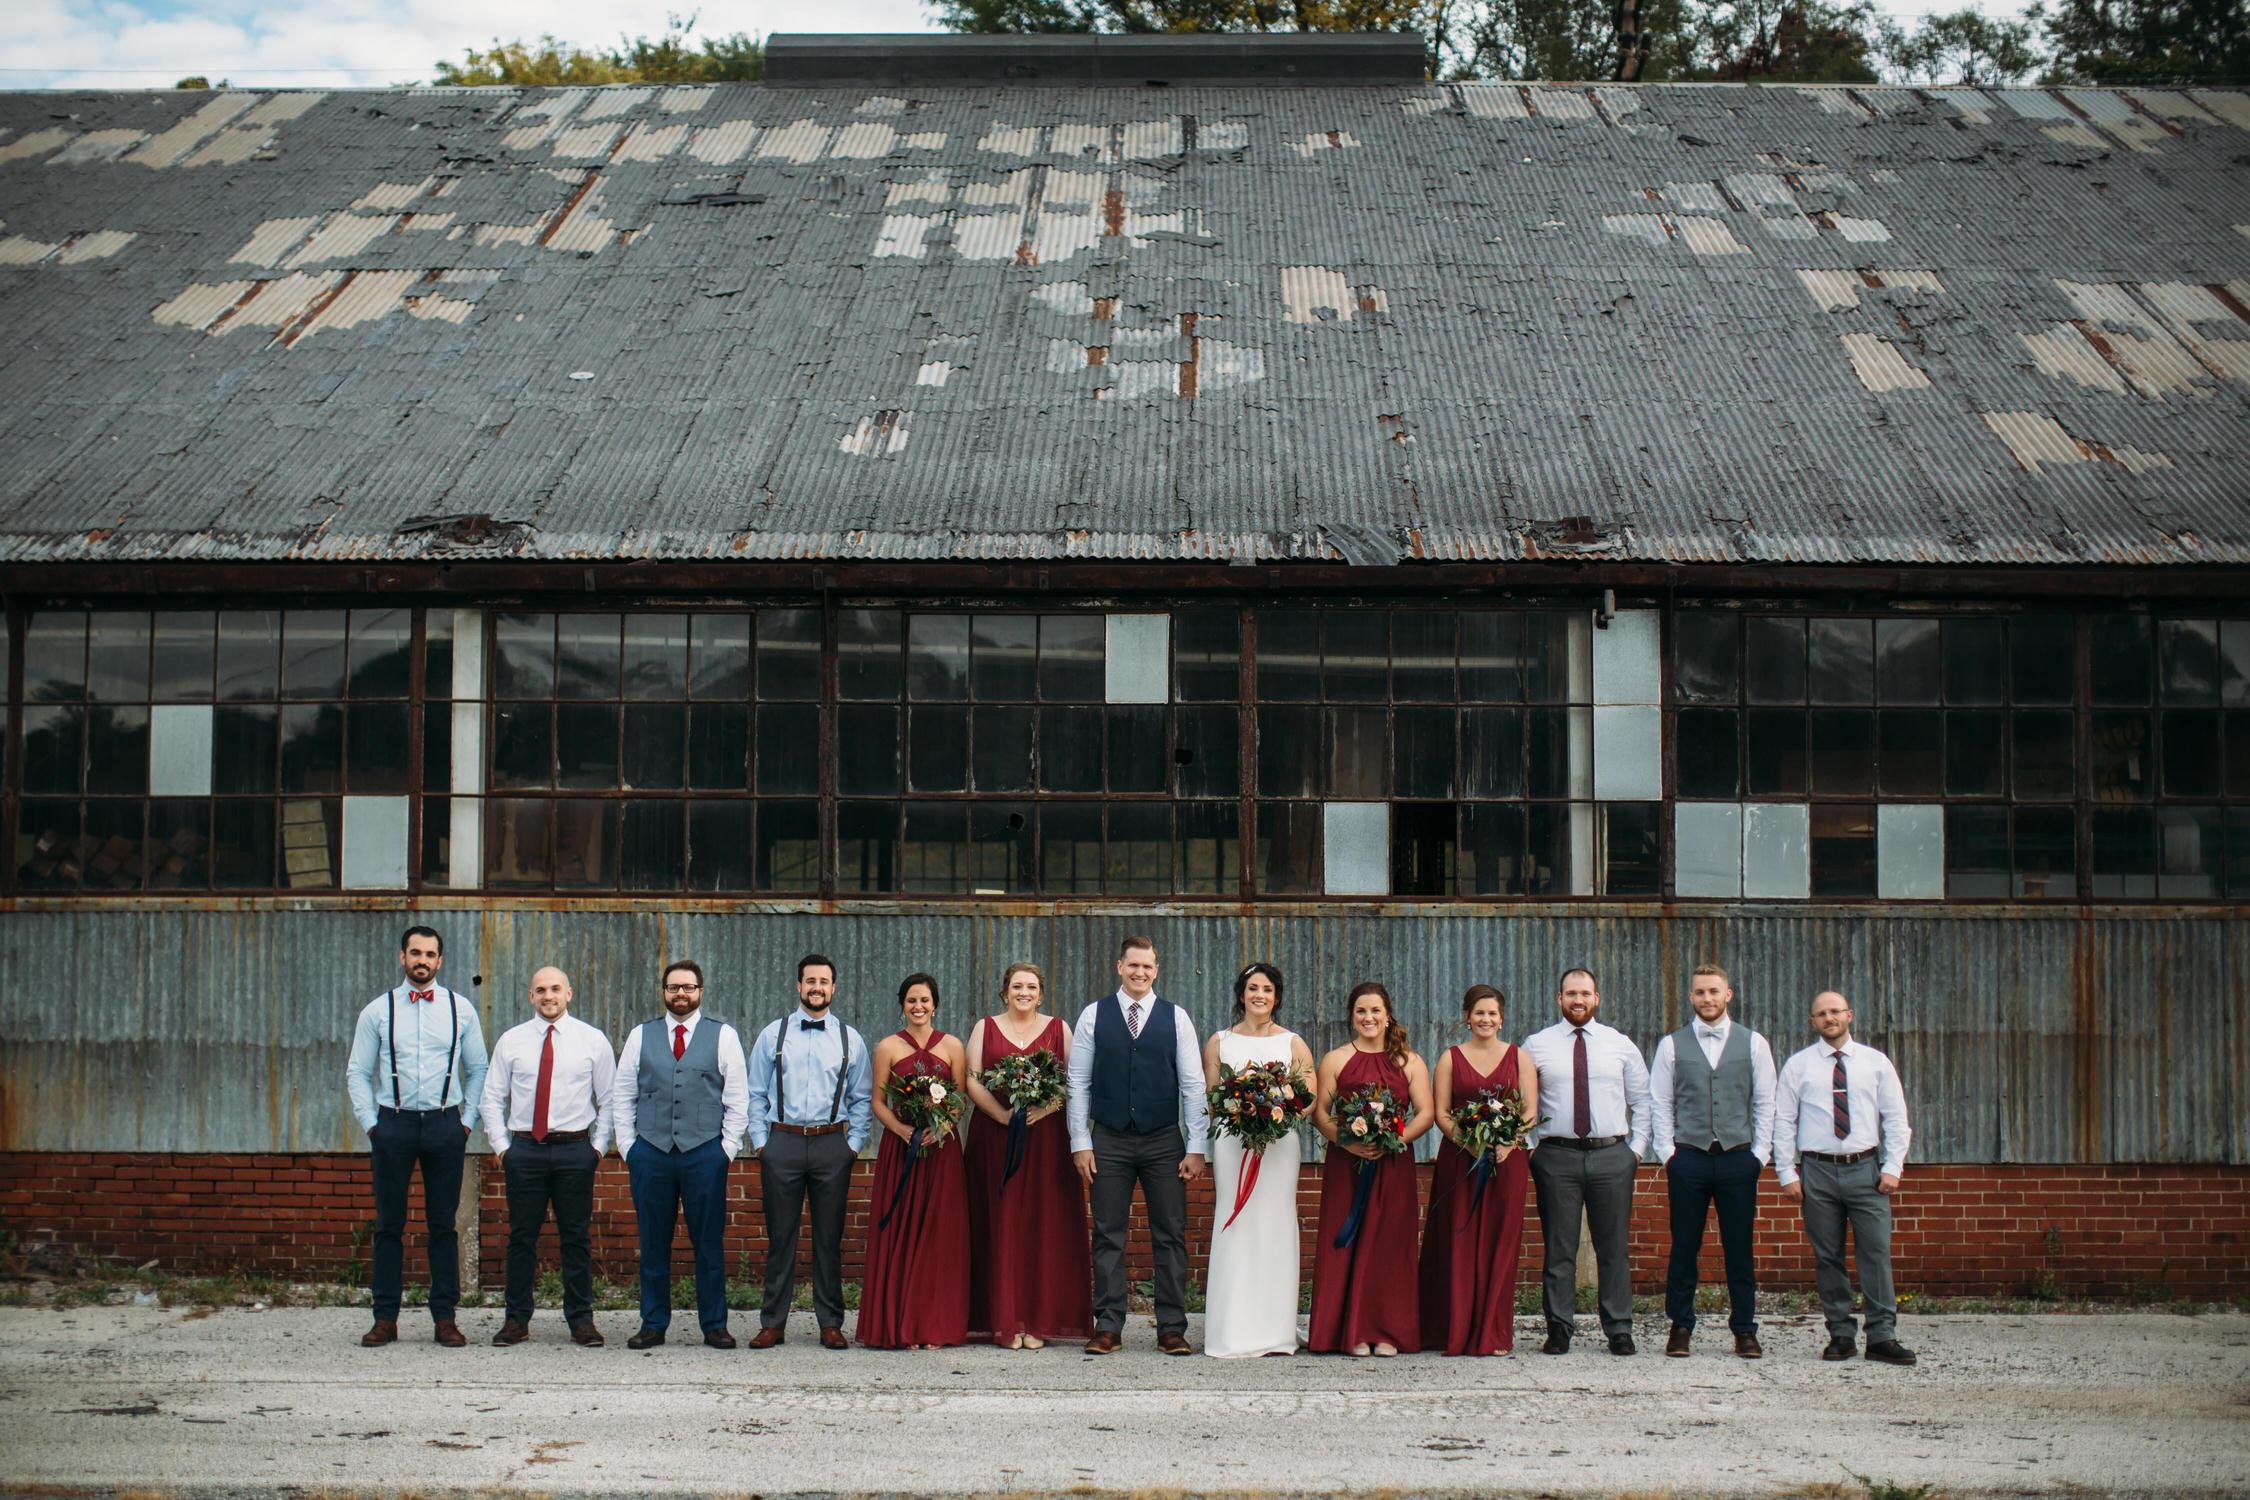 Wedding Party, Fall wedding, Midwest wedding